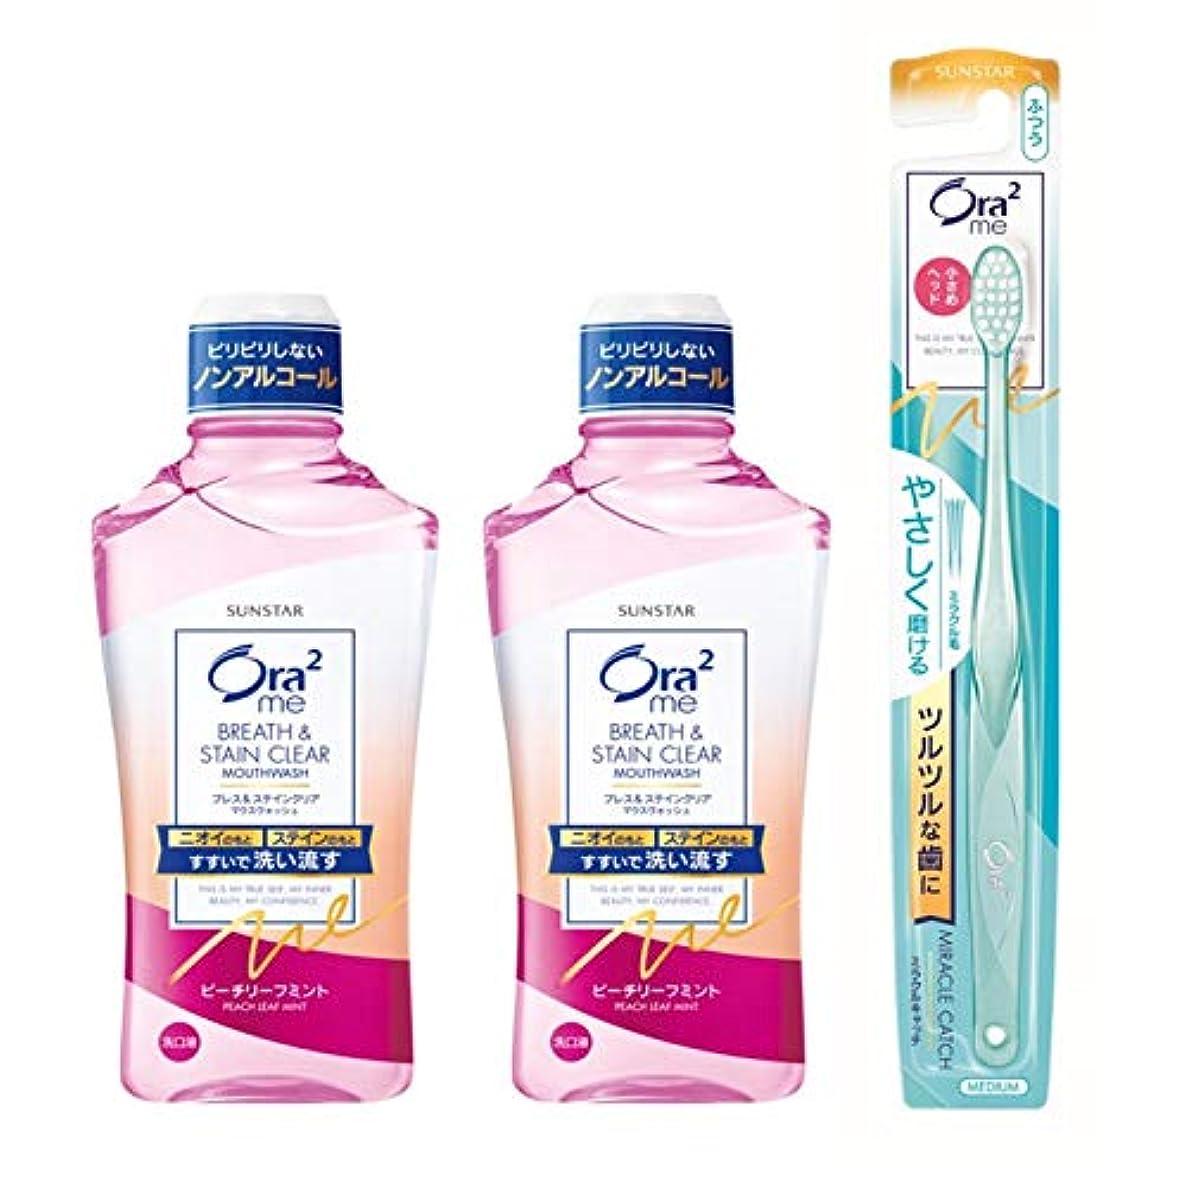 一回効率的に異常なOra2(オーラツー) ミーマウスウォッシュ ステインクリア 洗口液[ピーチリーフミント]×2個+ハブラシ付き